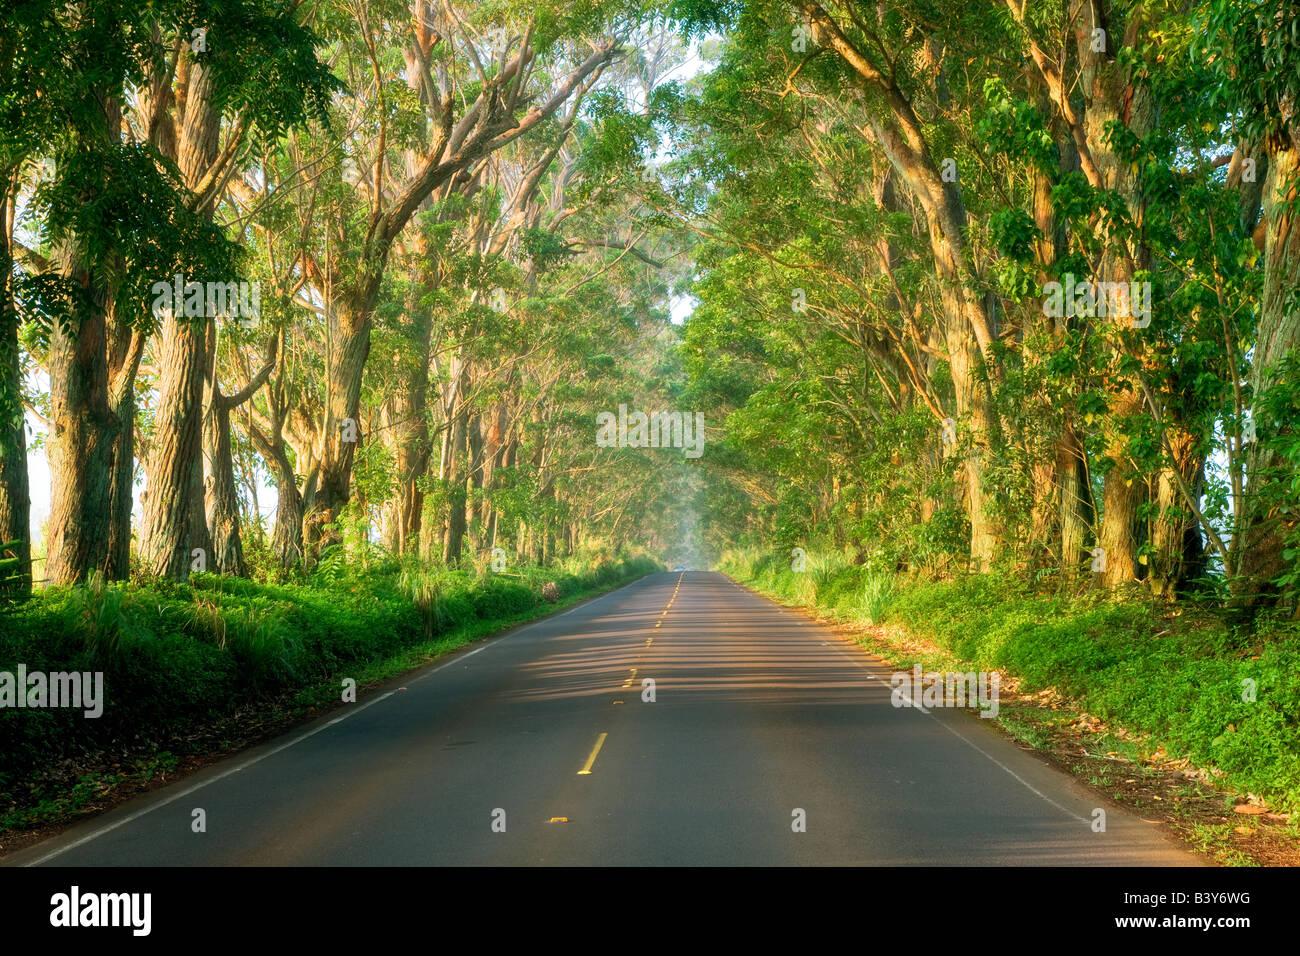 Tunel de árboles árboles eucalipto en Kauai Hawaii Imagen De Stock